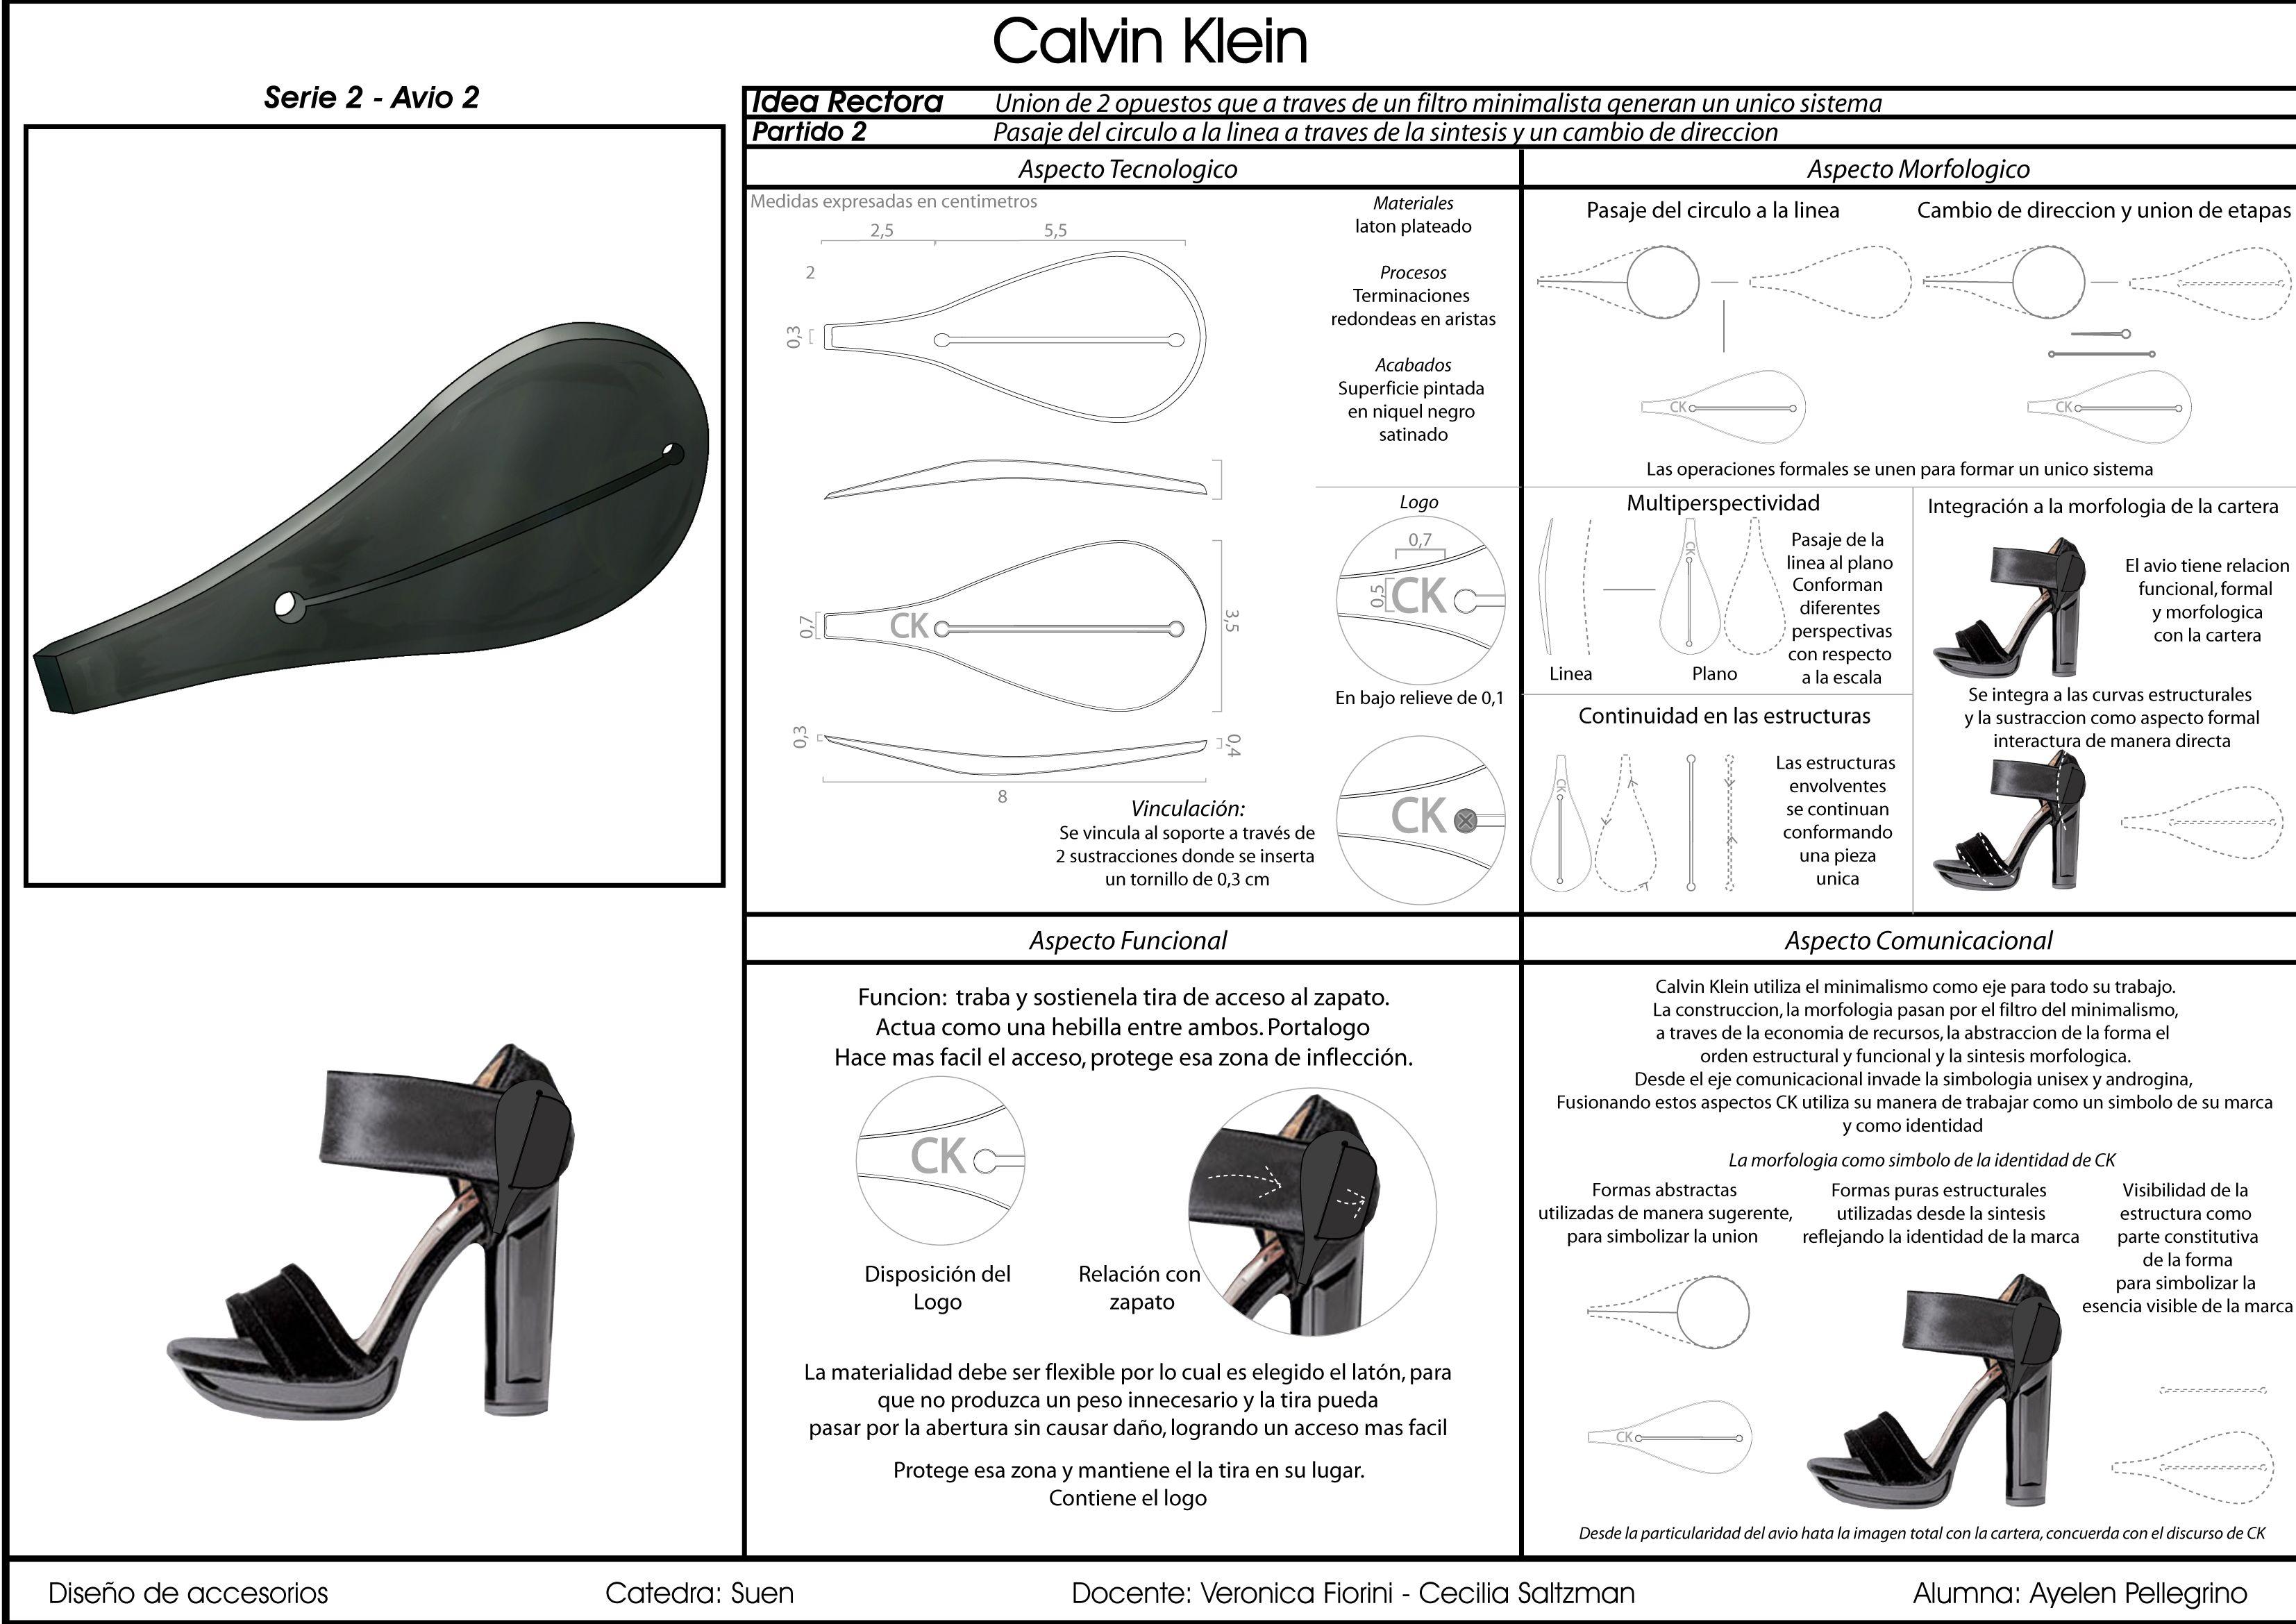 ck1 6.jpg (3307×2339) | Diseño de calzado, Calzas, Disenos